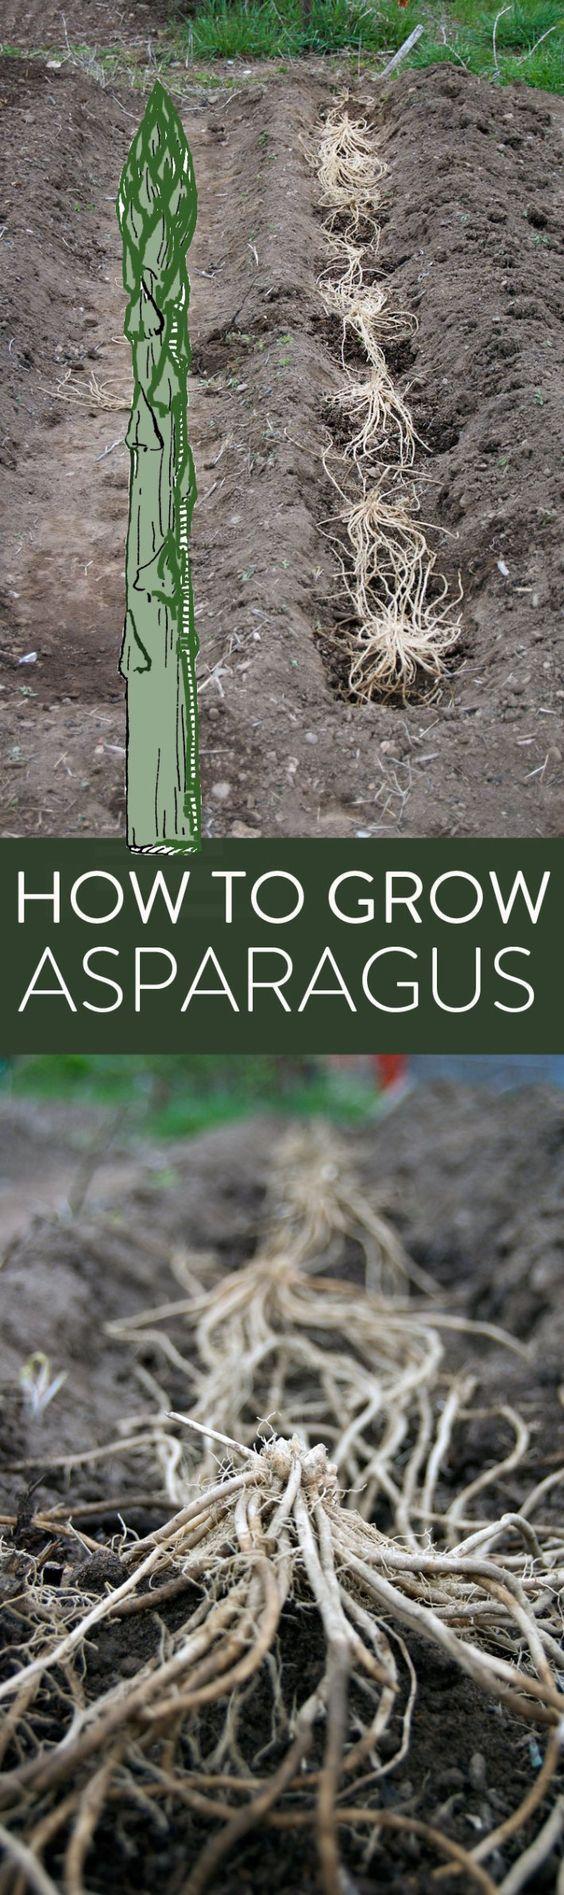 Comment Planter Des Asperges asparagus growing guide. | jardinage hydroponique, astuces